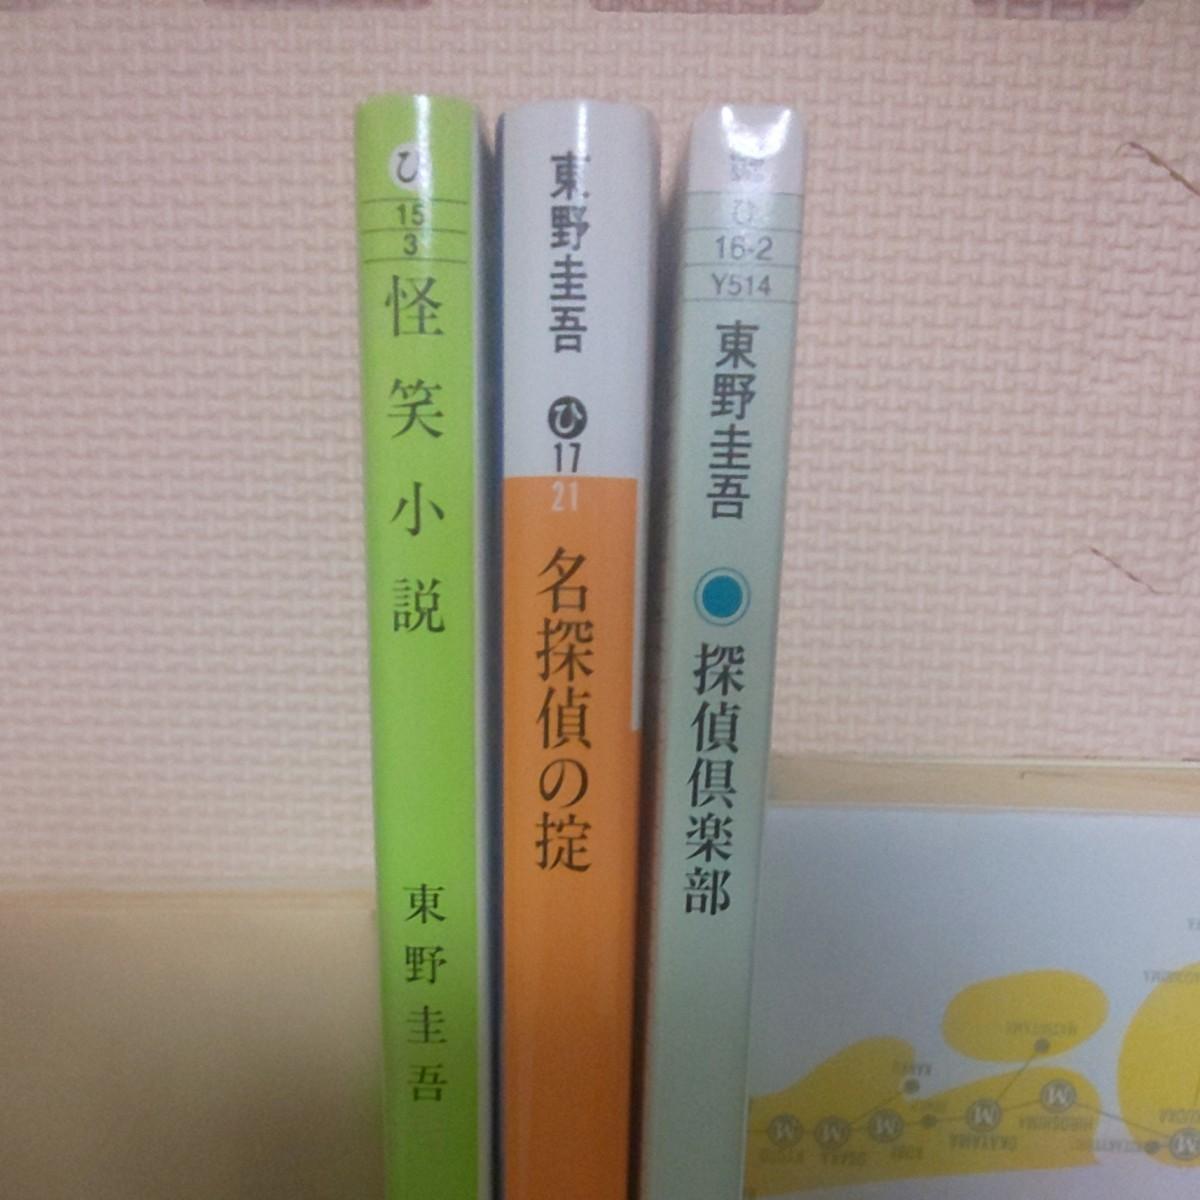 小説 東野圭吾 3冊セット